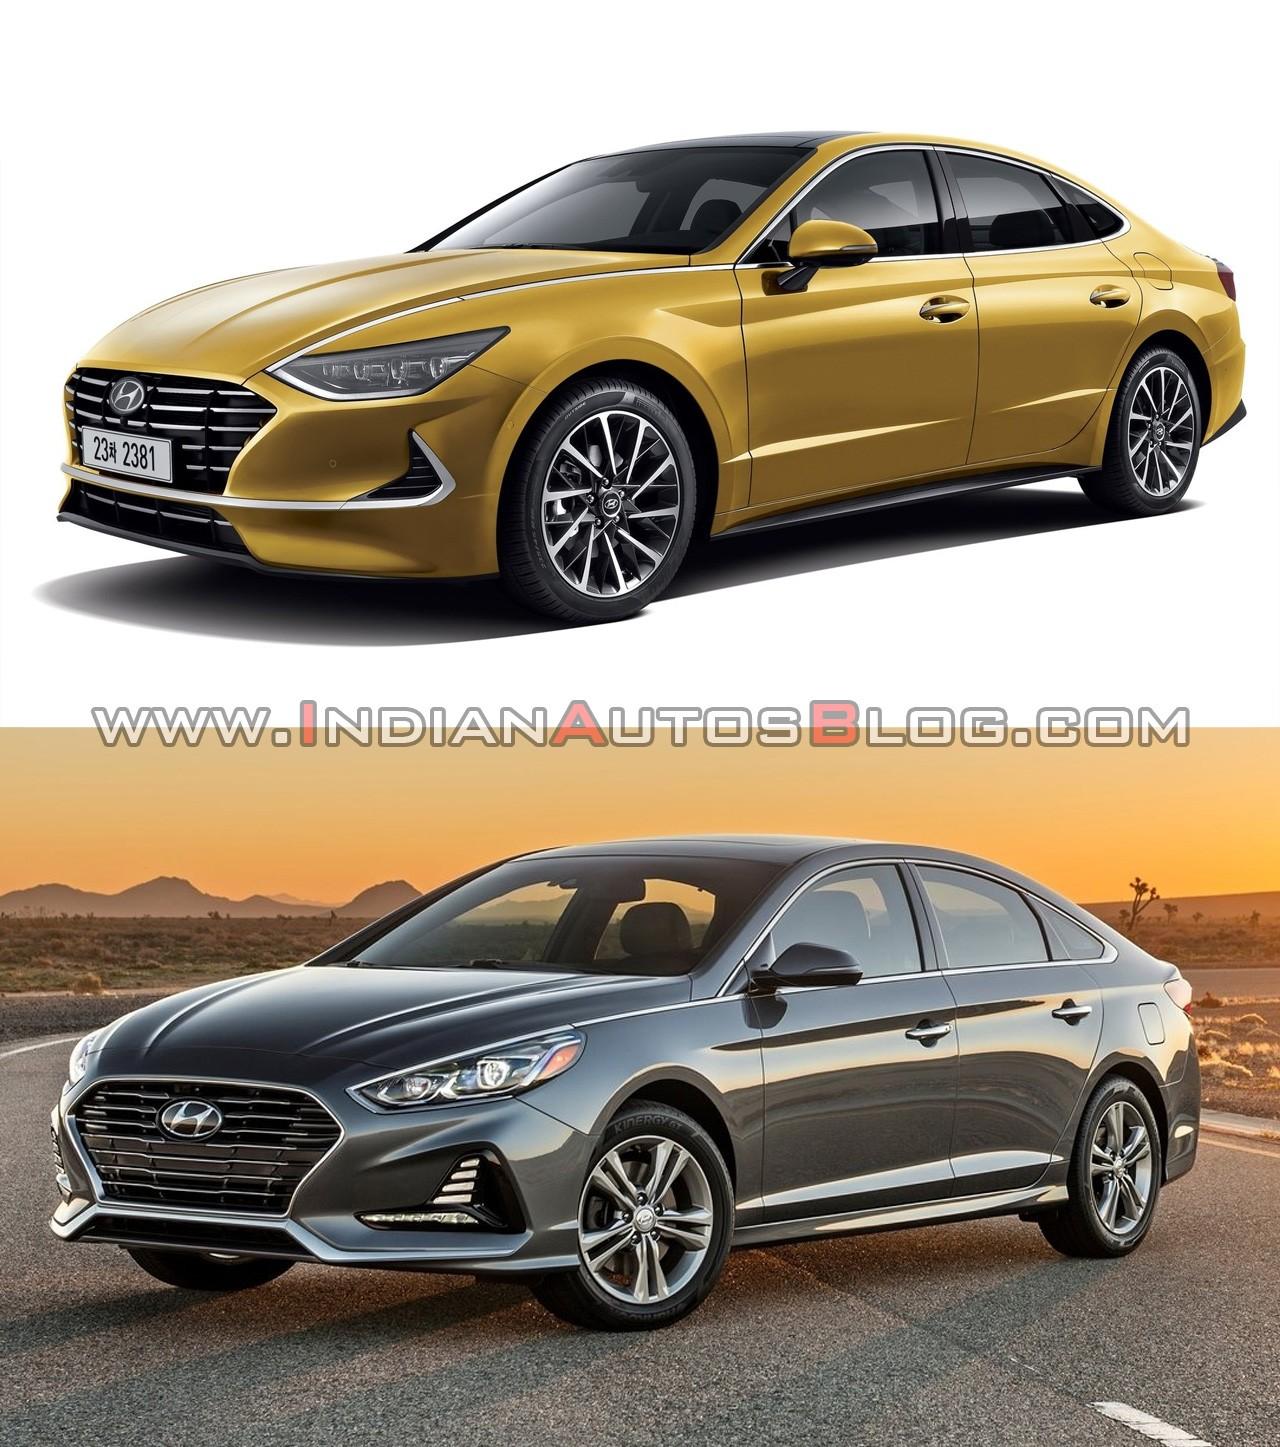 So sánh thiết kế đầu xe của Hyundai Sonata 2020 (trên) và bản cũ